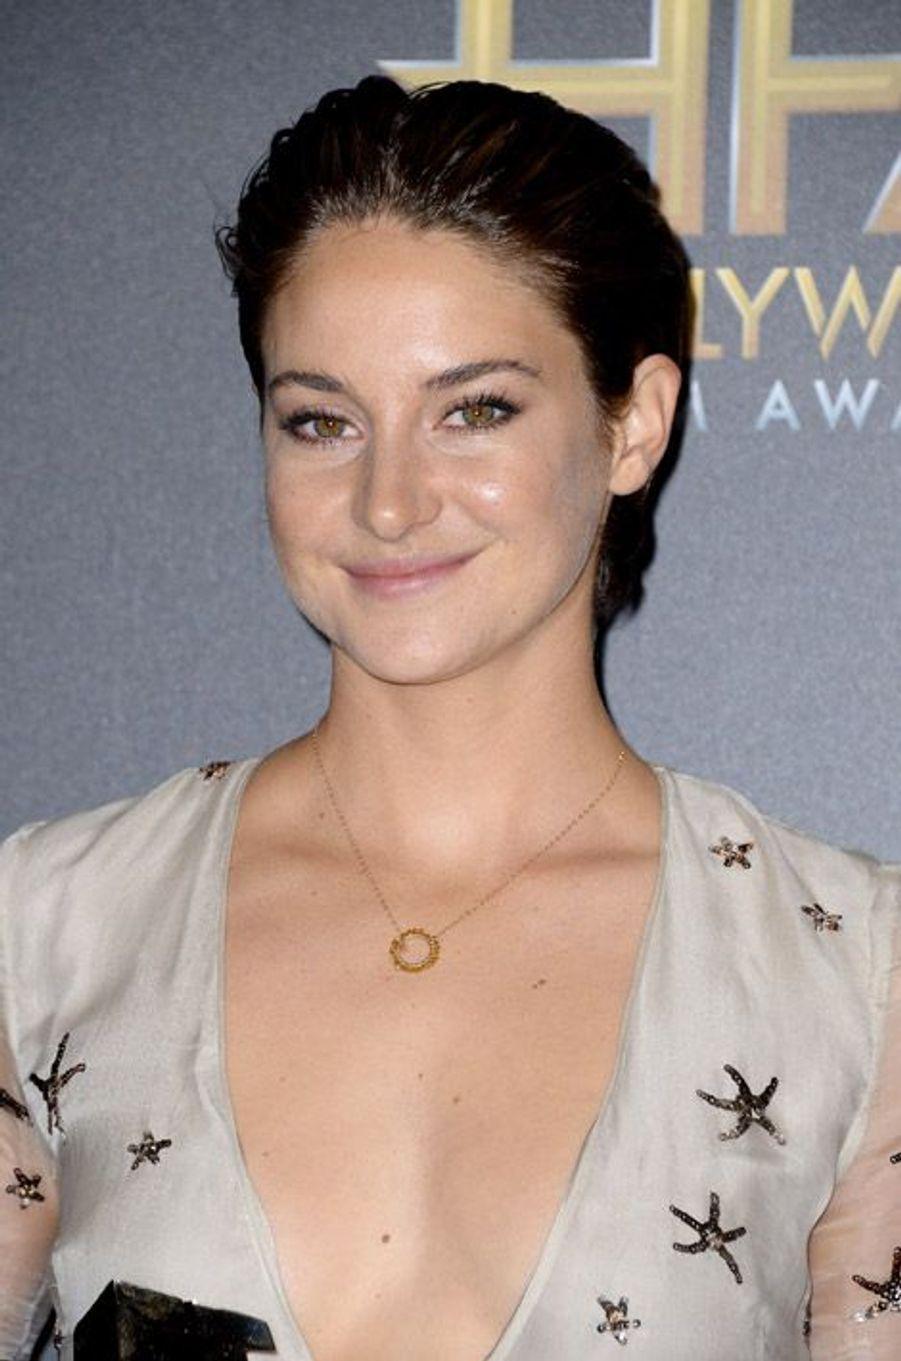 La jeune actrice Shailene Woodley coiffe ses chevux courts en arrière